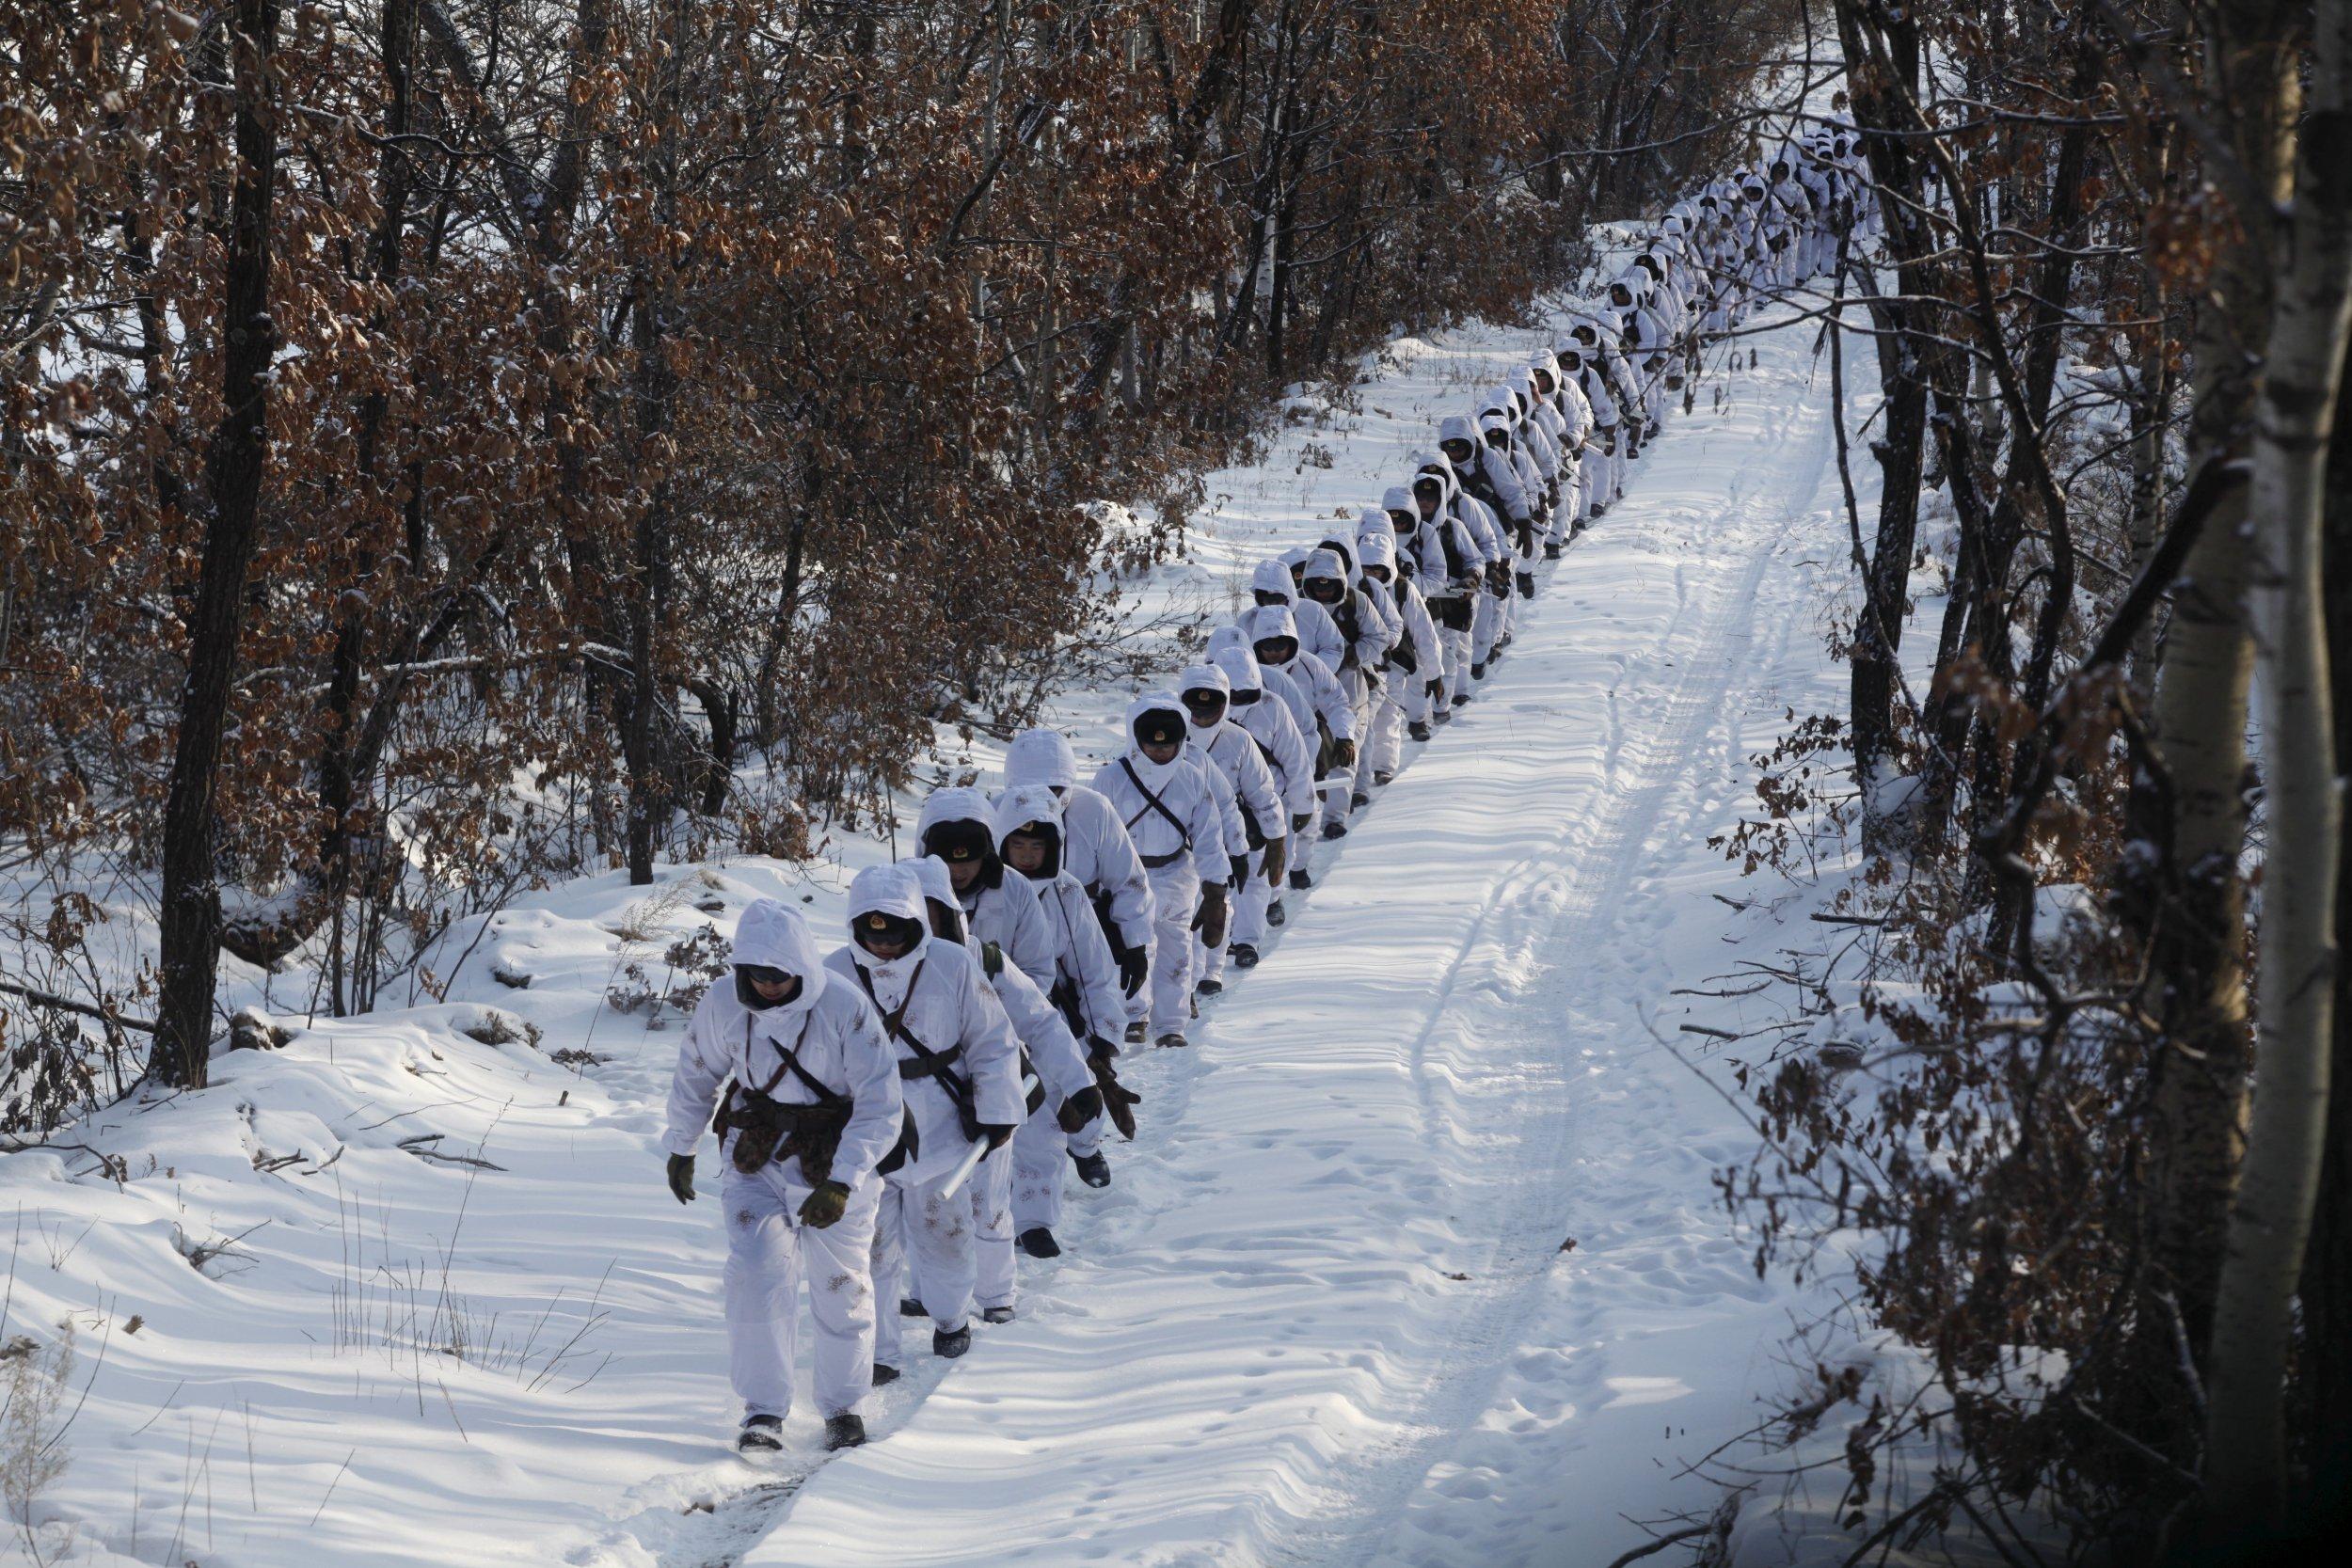 Heilongjiang province military